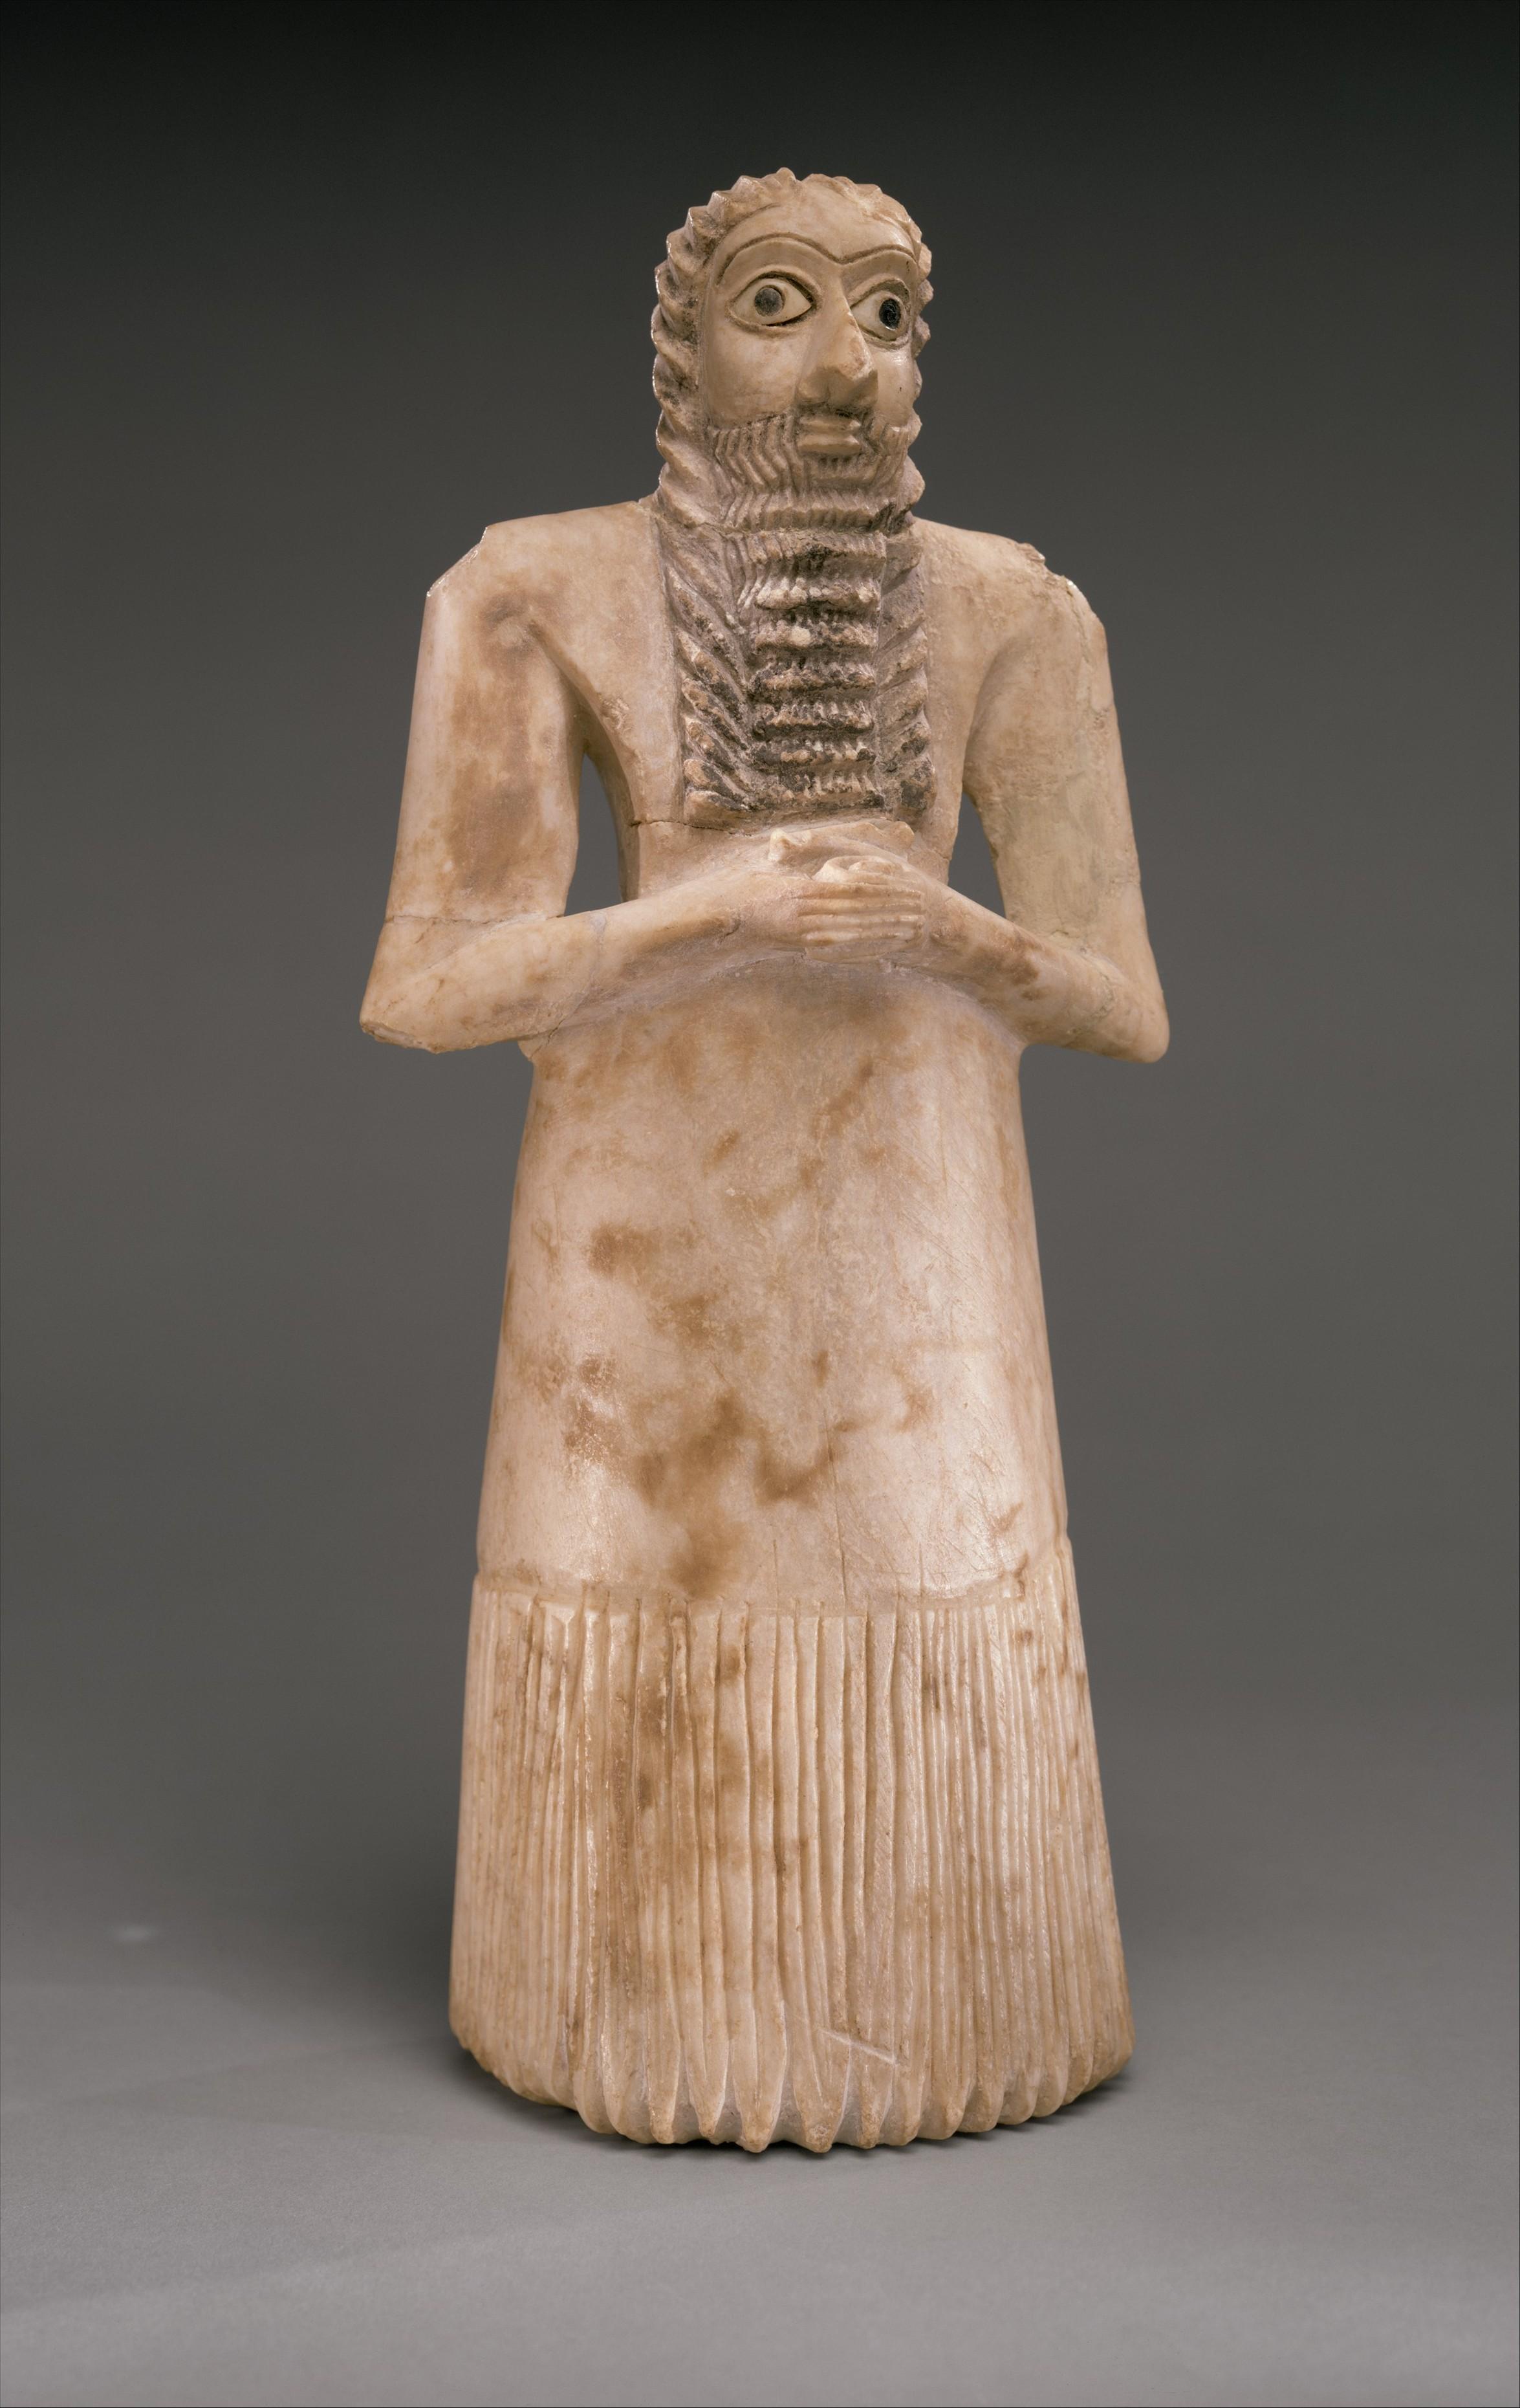 السومريون قدموا أقدم الحضارات على الإطلاق